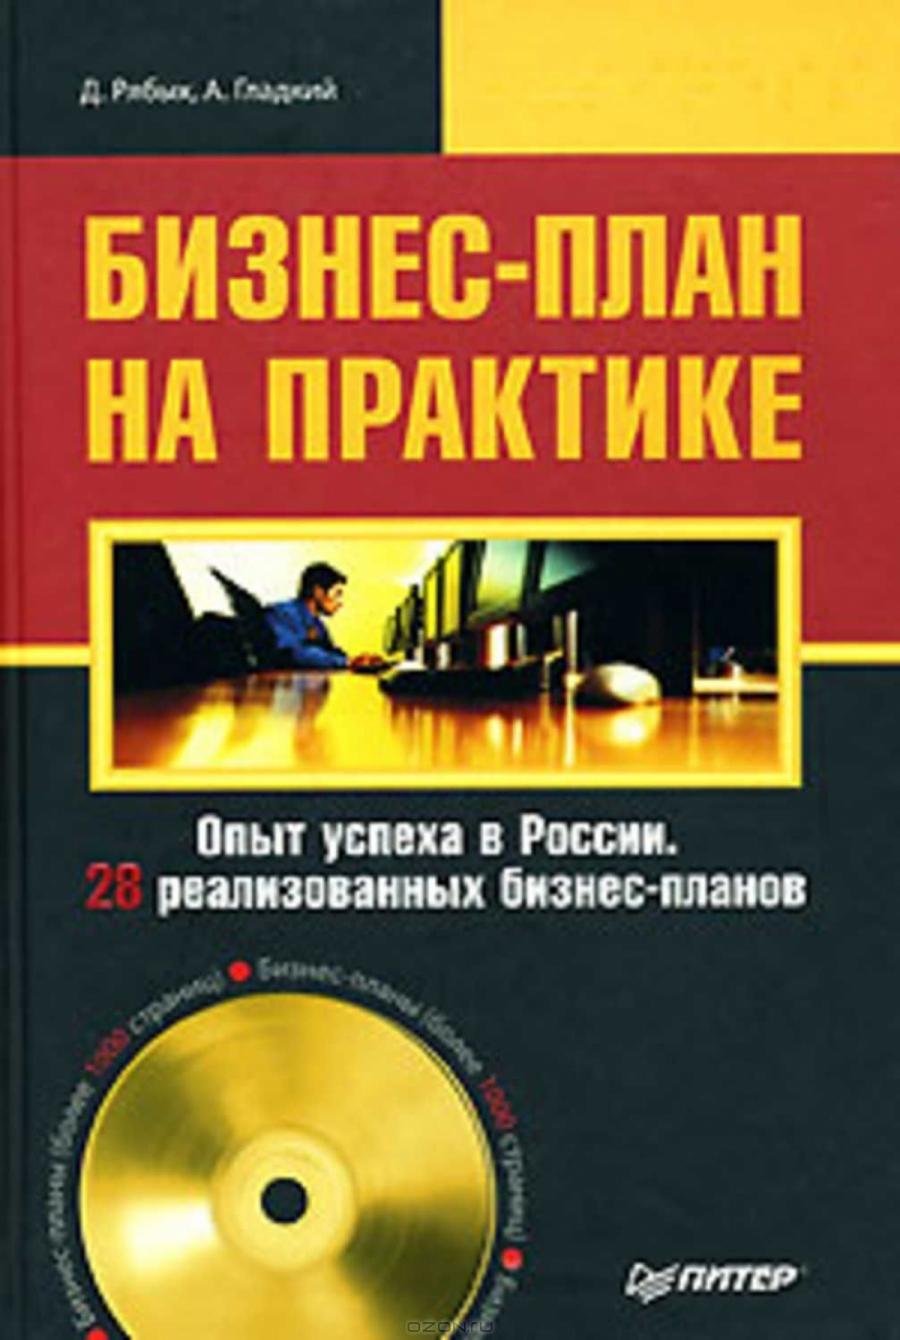 Обложка книги:  дмитрий рябых, алексей гладкий - бизнес-план на практике. опыт успеха в россии. 28 реализованных бизнес-планов